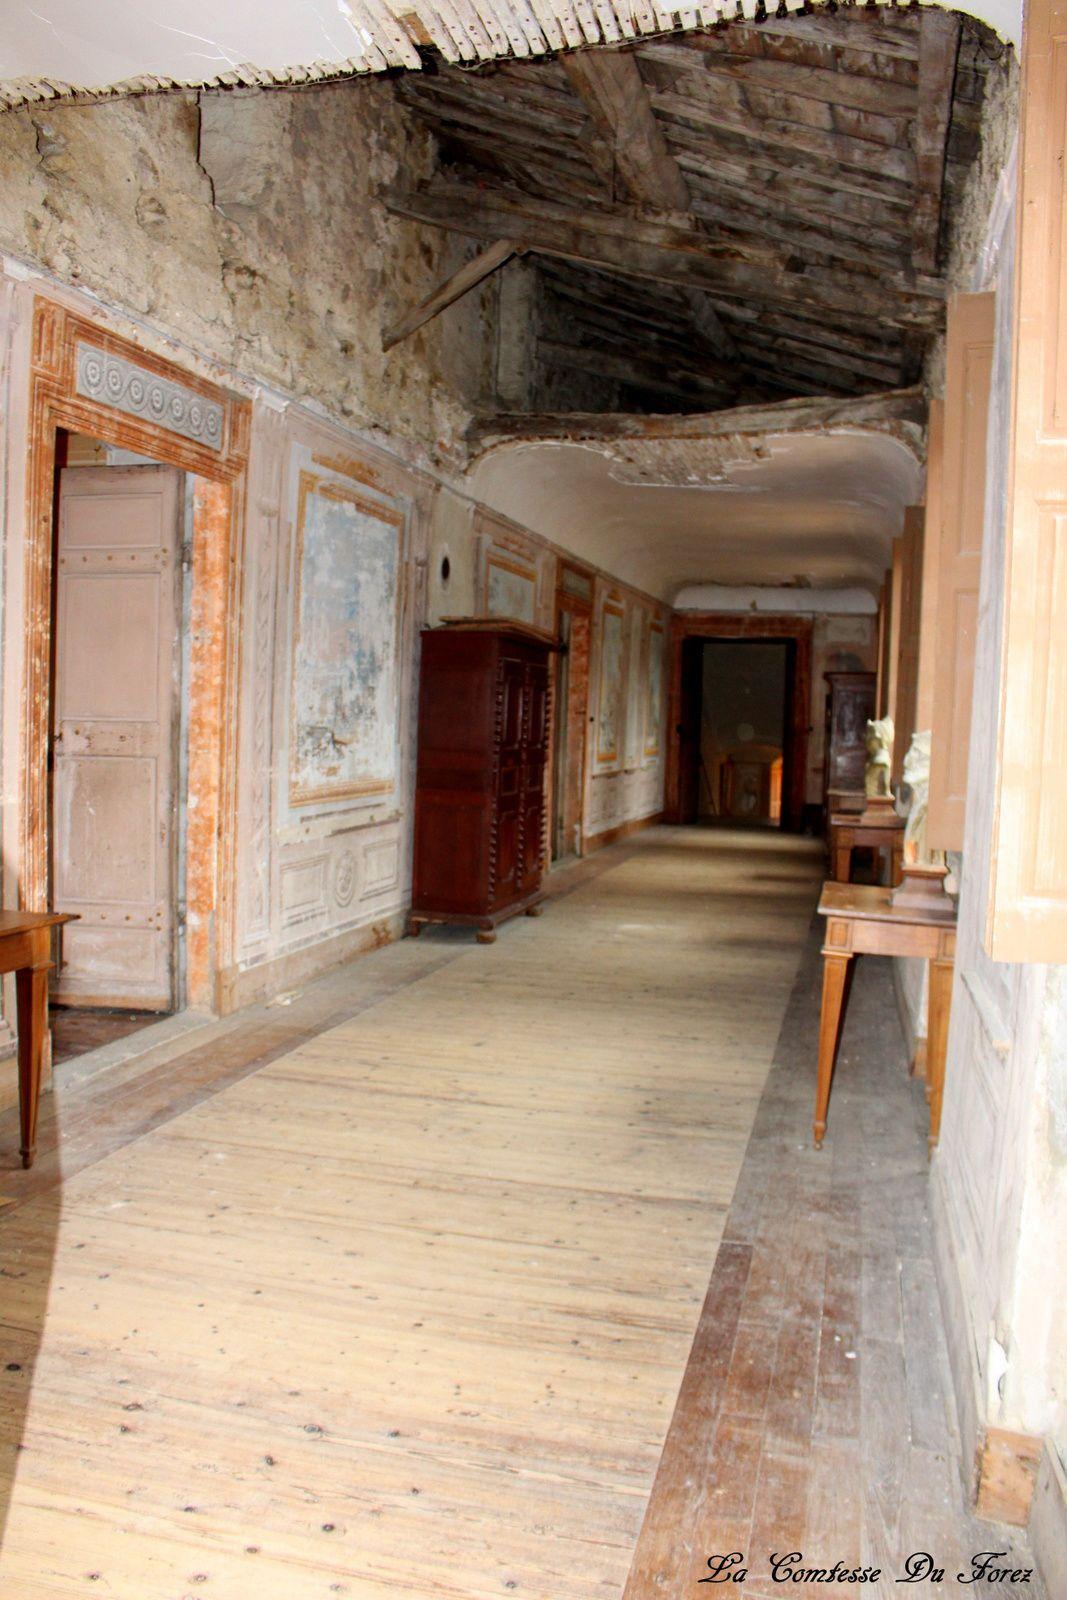 cette galerie aurait besoin rapidement d'être sauvée car le plafond c'est écroulé en son centre et les fresques s'abîment.